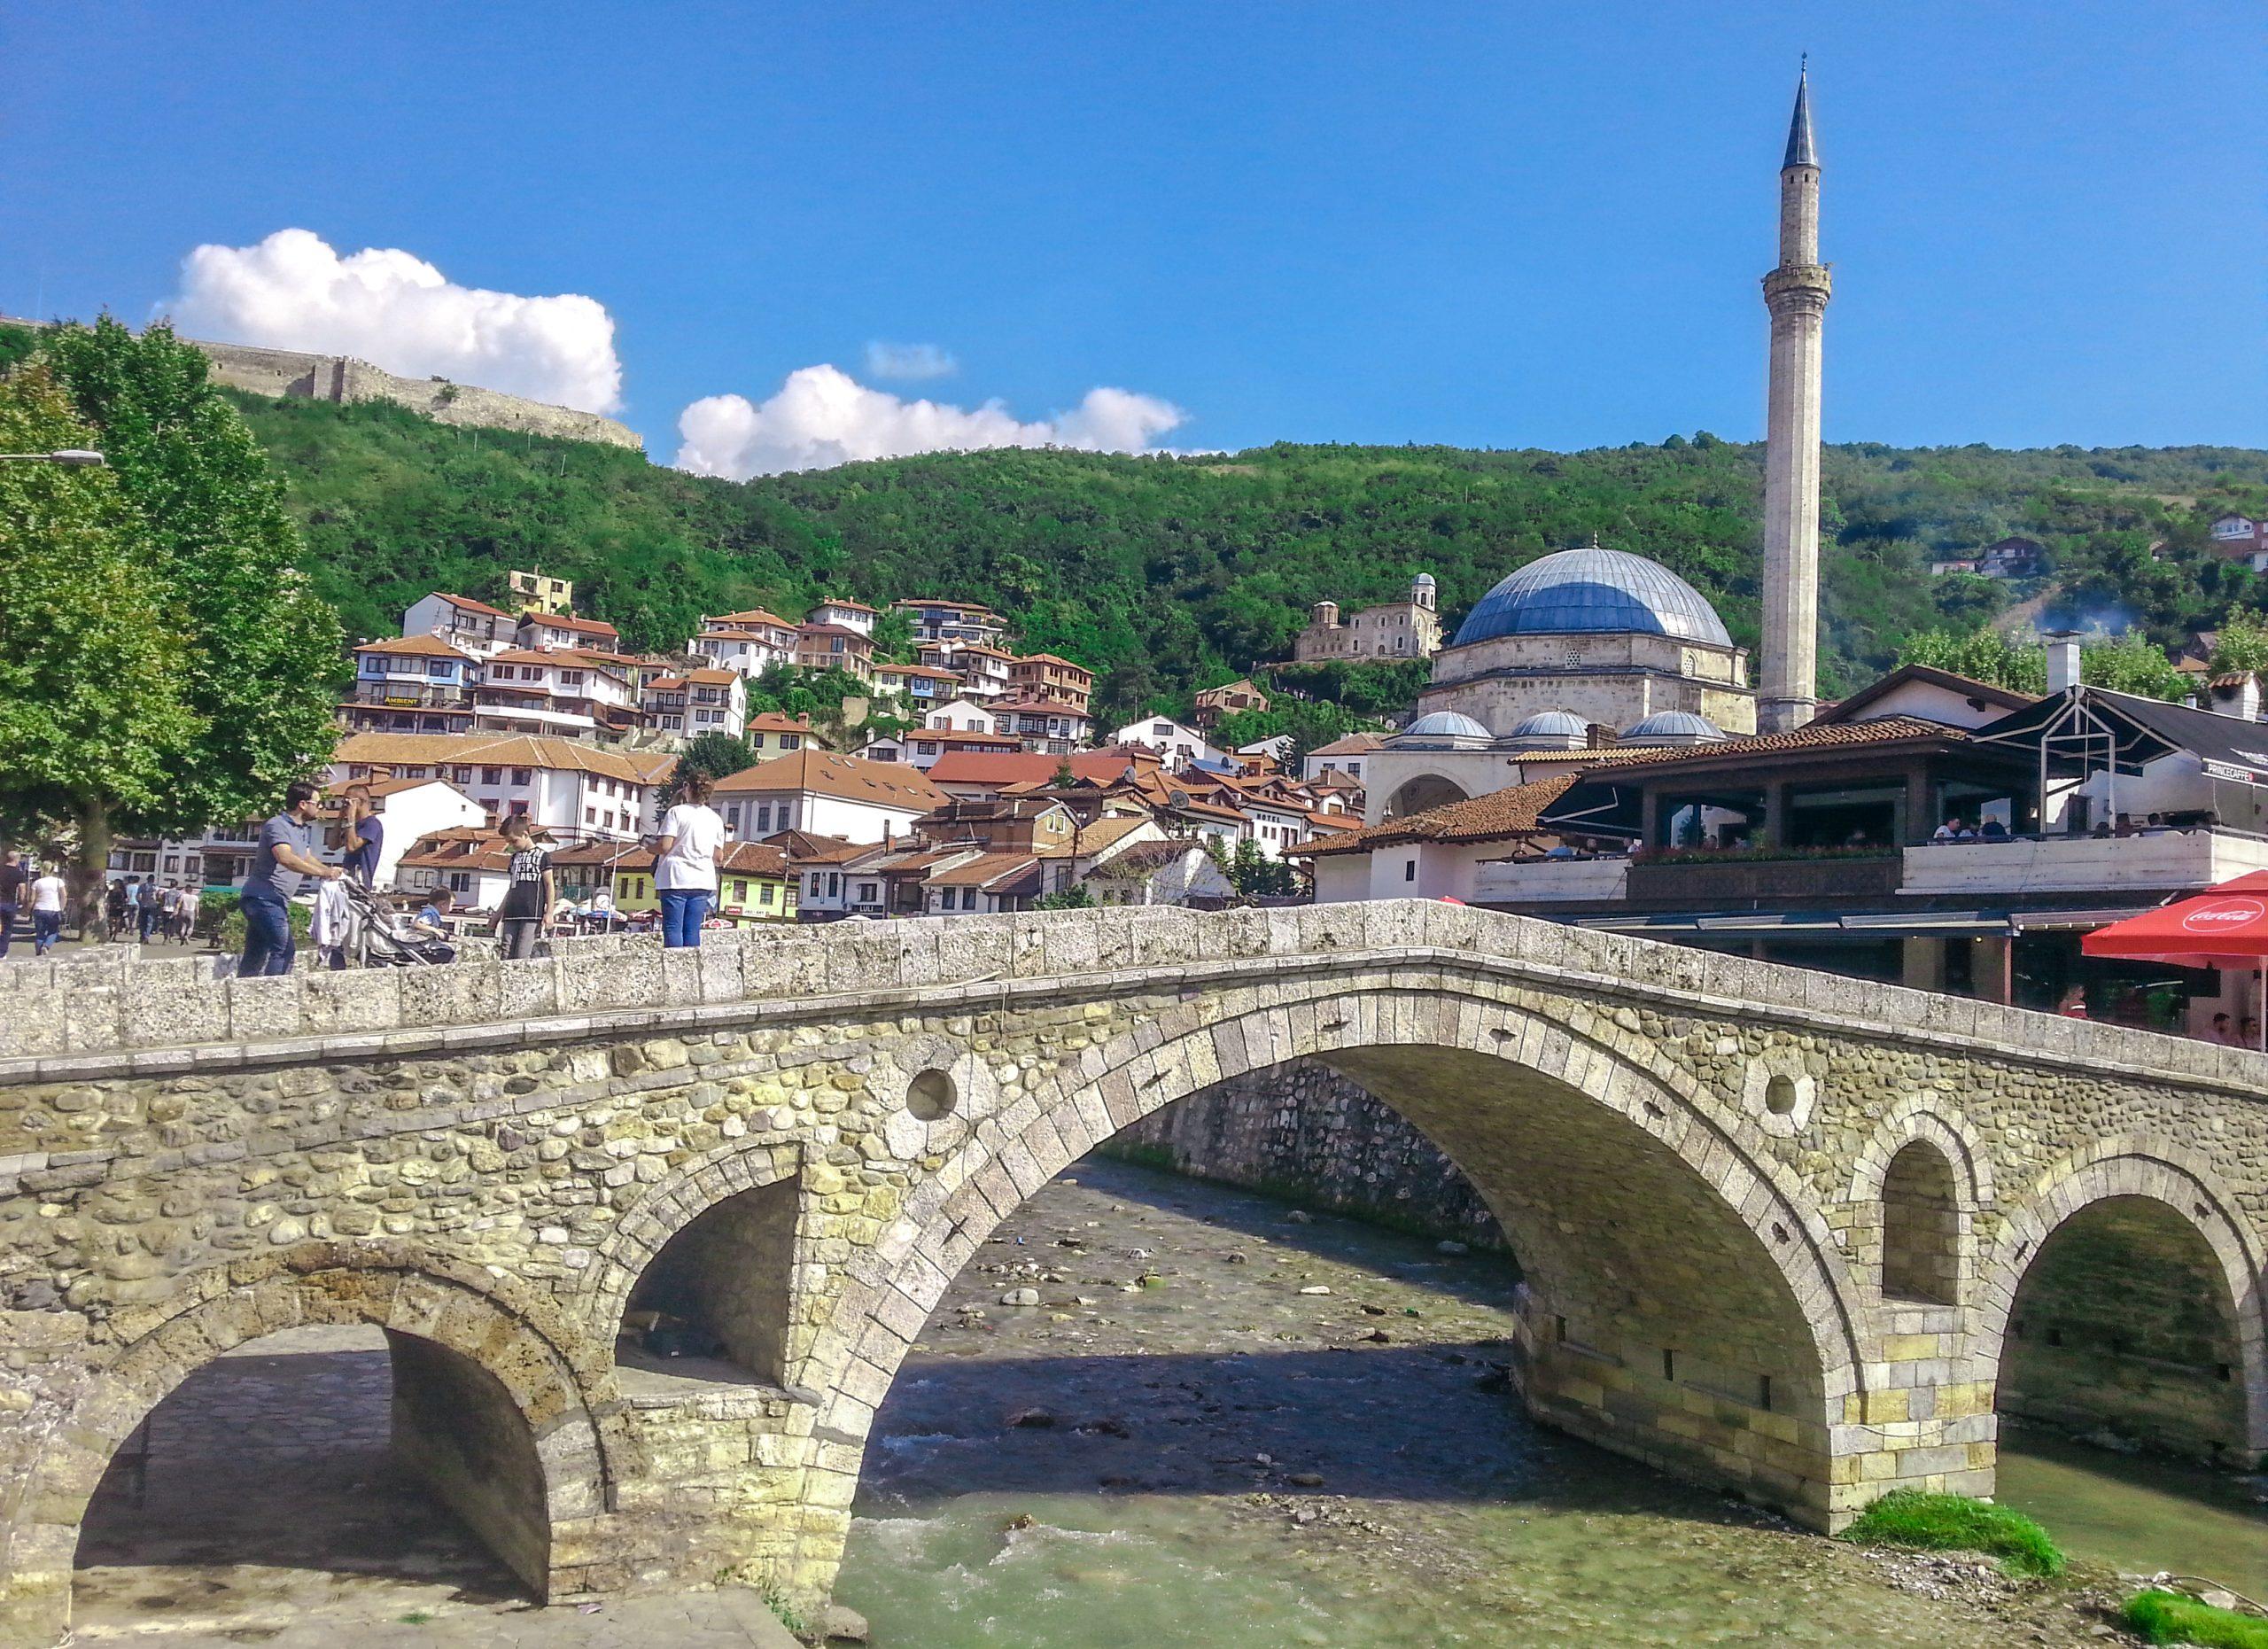 Z wizytą w najmłodszym kraju Europy